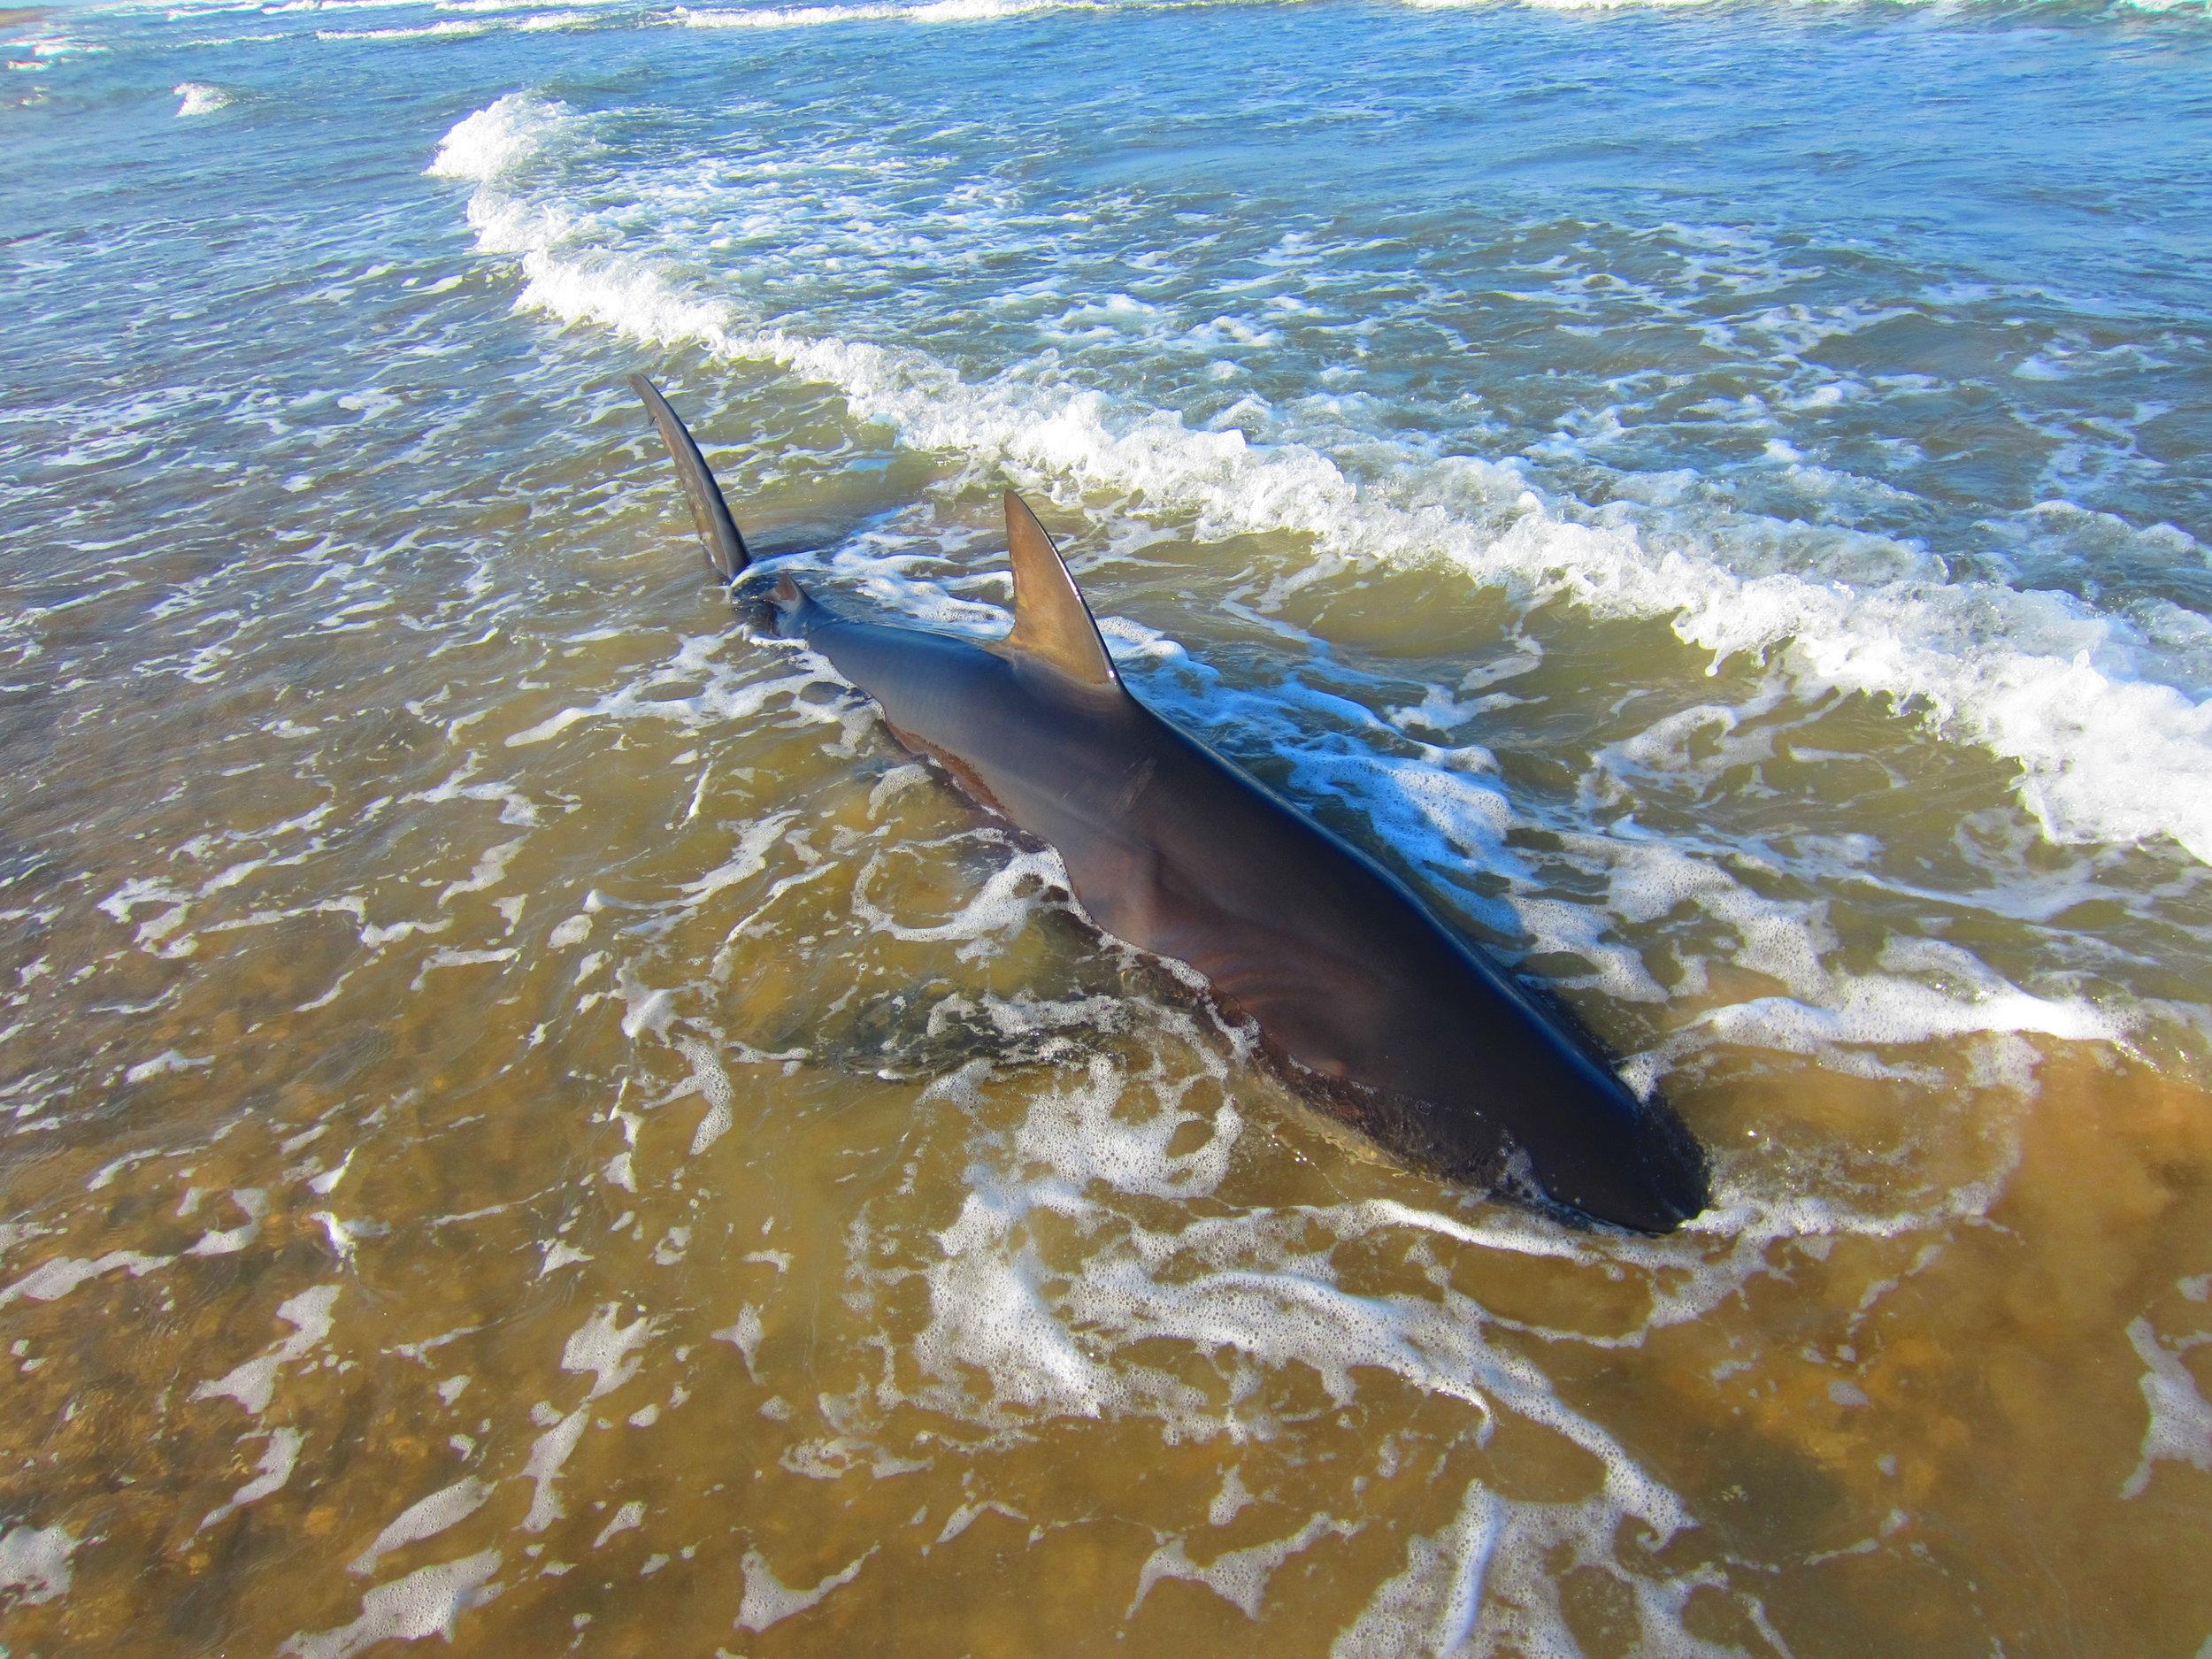 10 ft Dusky Shark